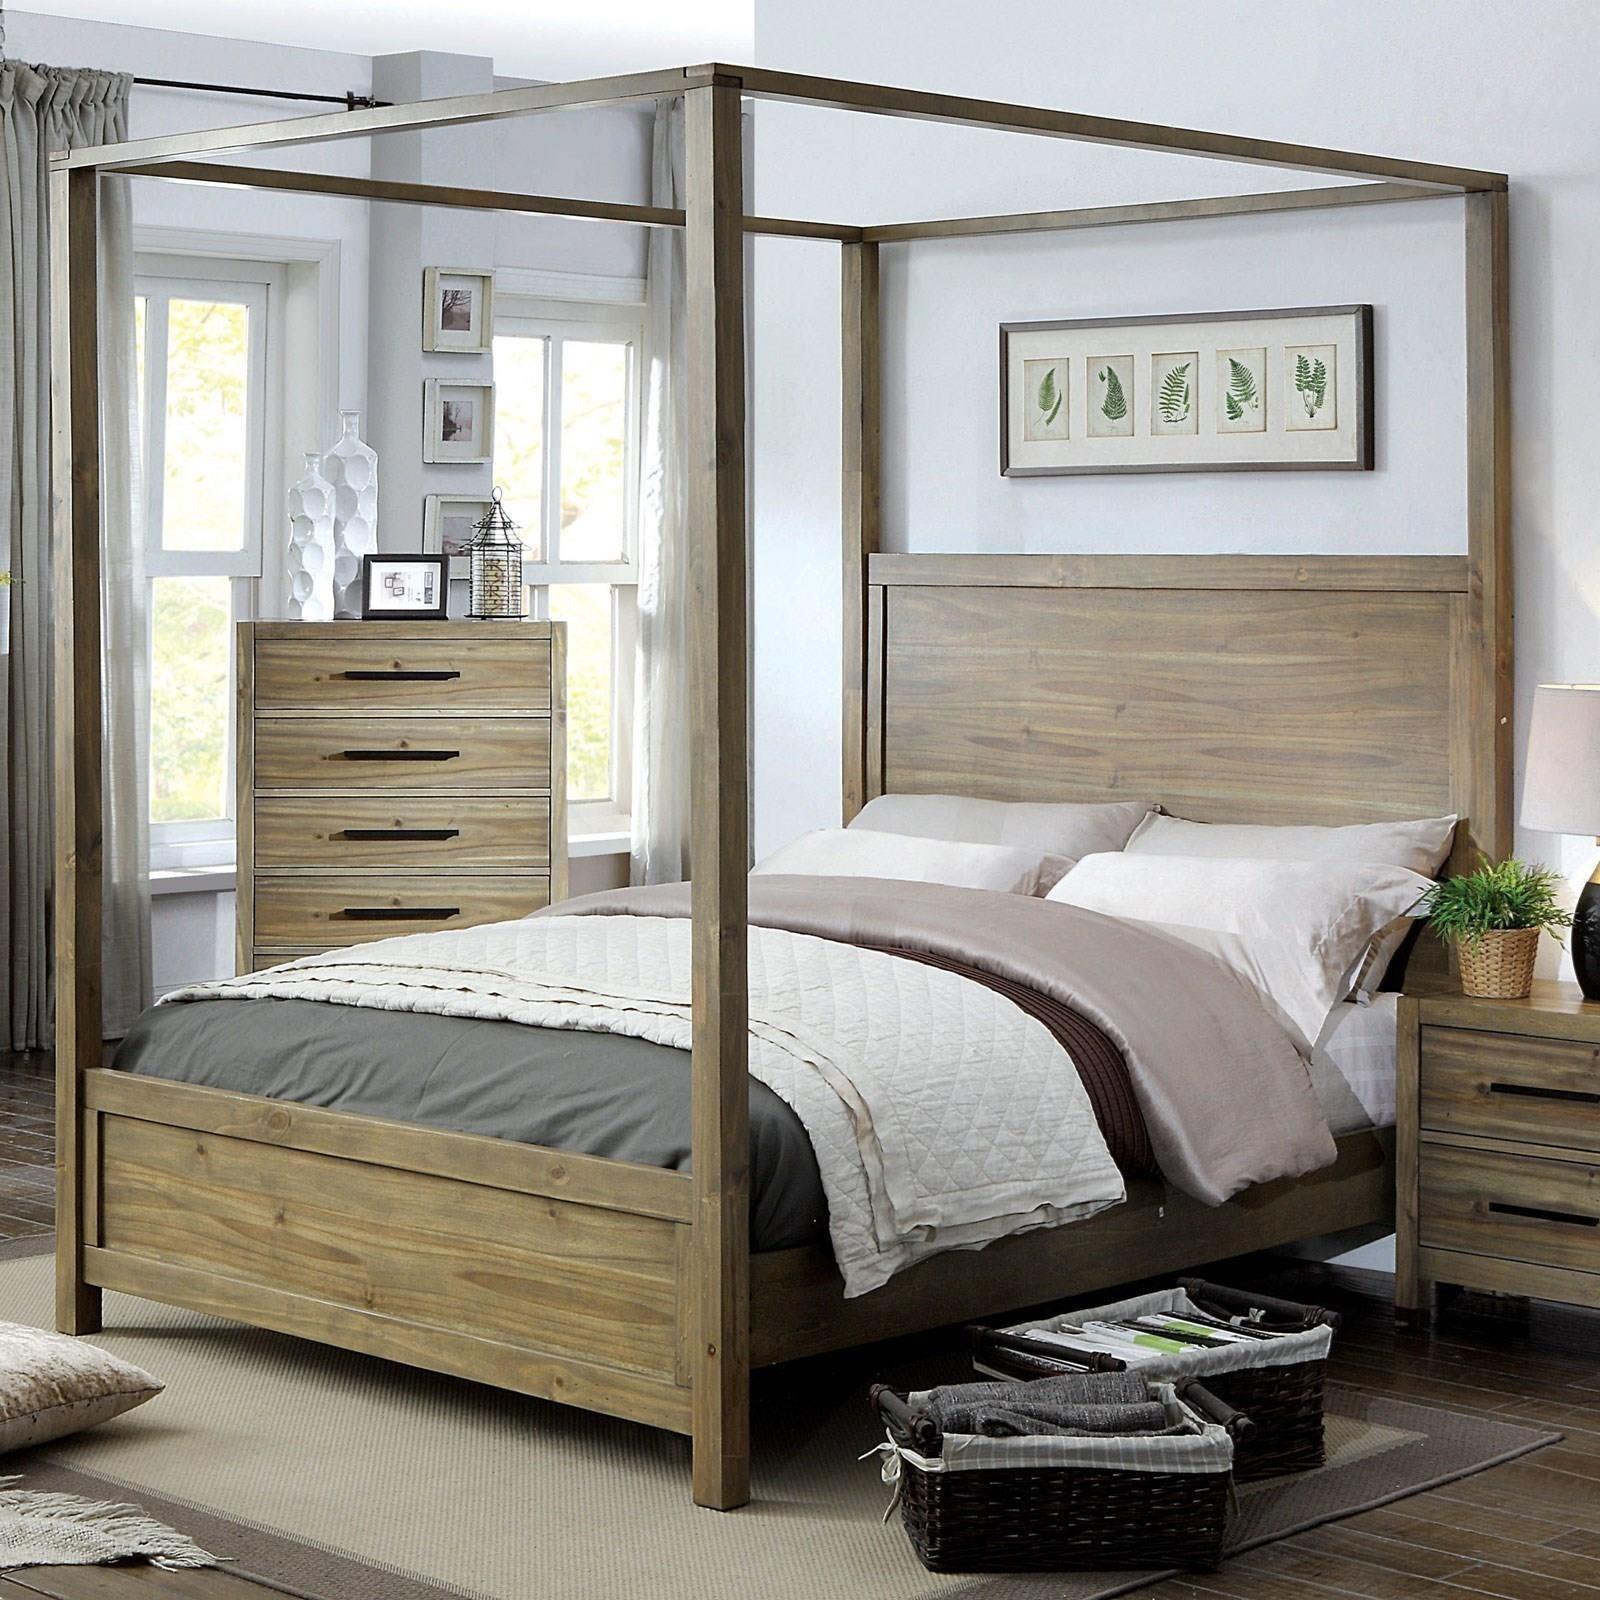 Etonnant Rooms For Less